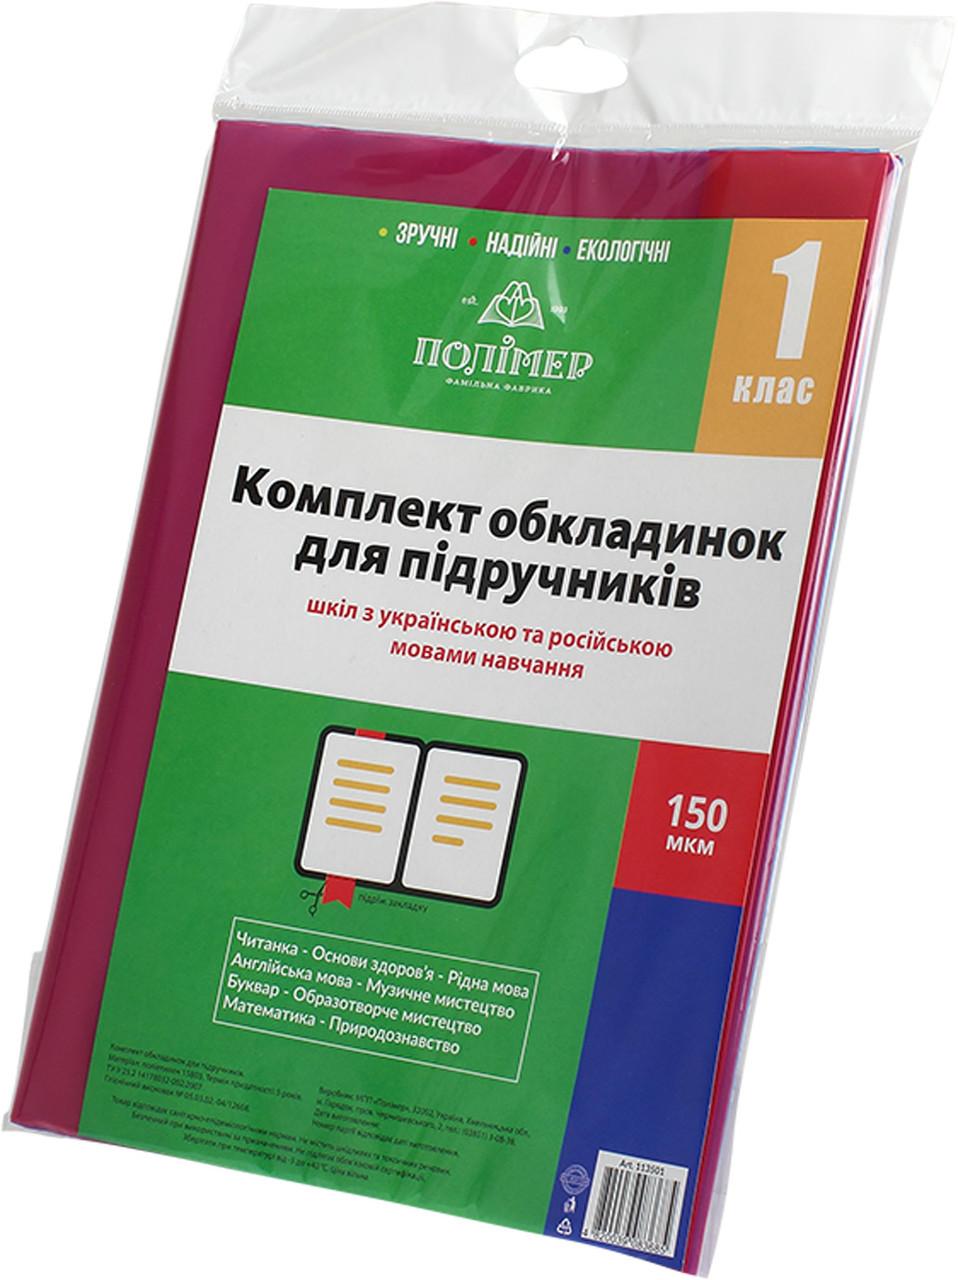 Комплект обклад. для підруч. 1кл 150мкм №113501/2515(100)